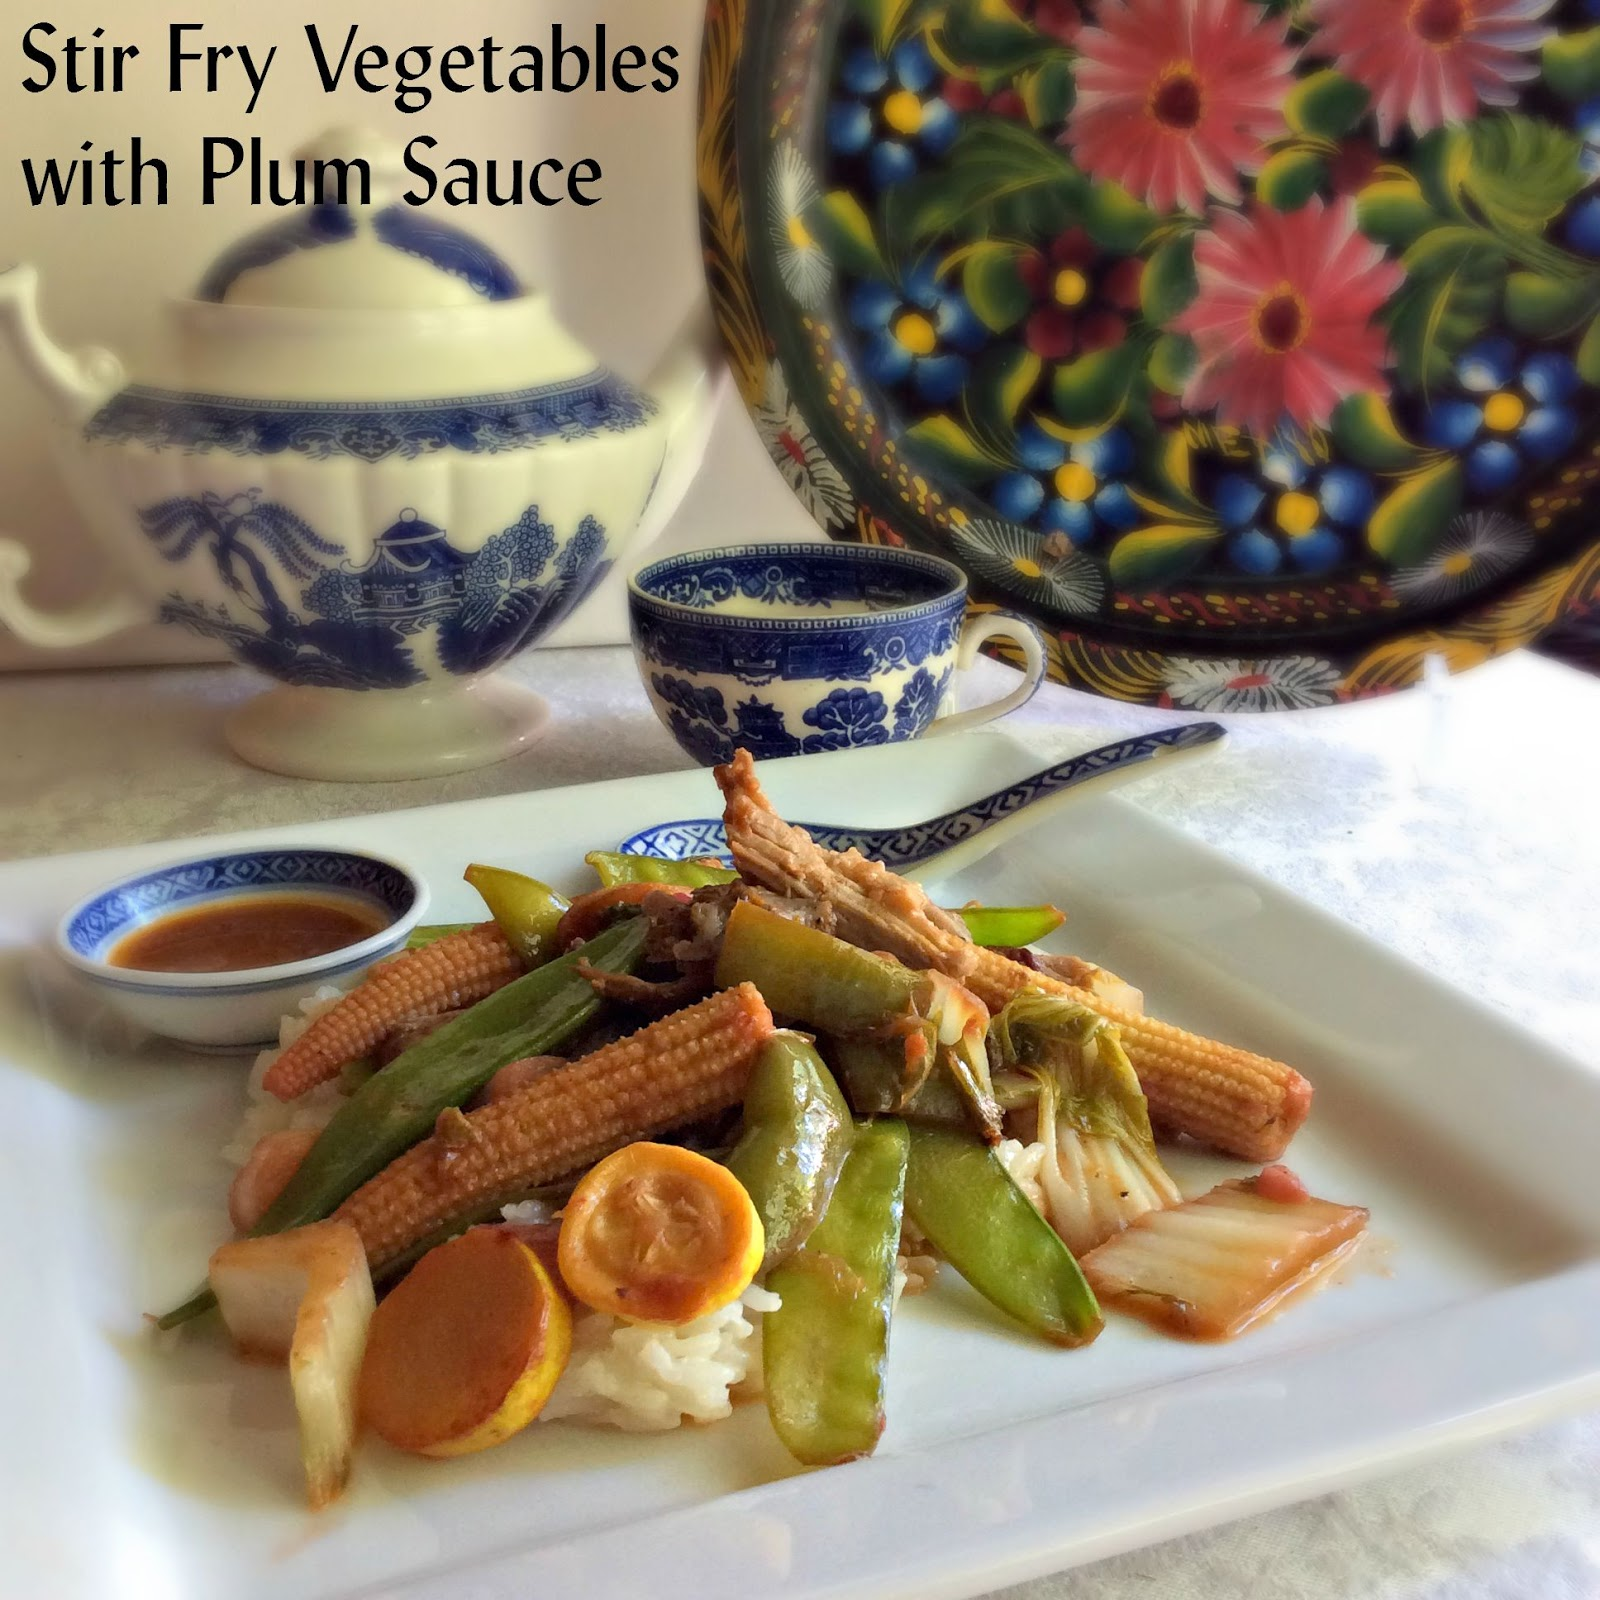 Asian style plum sauce